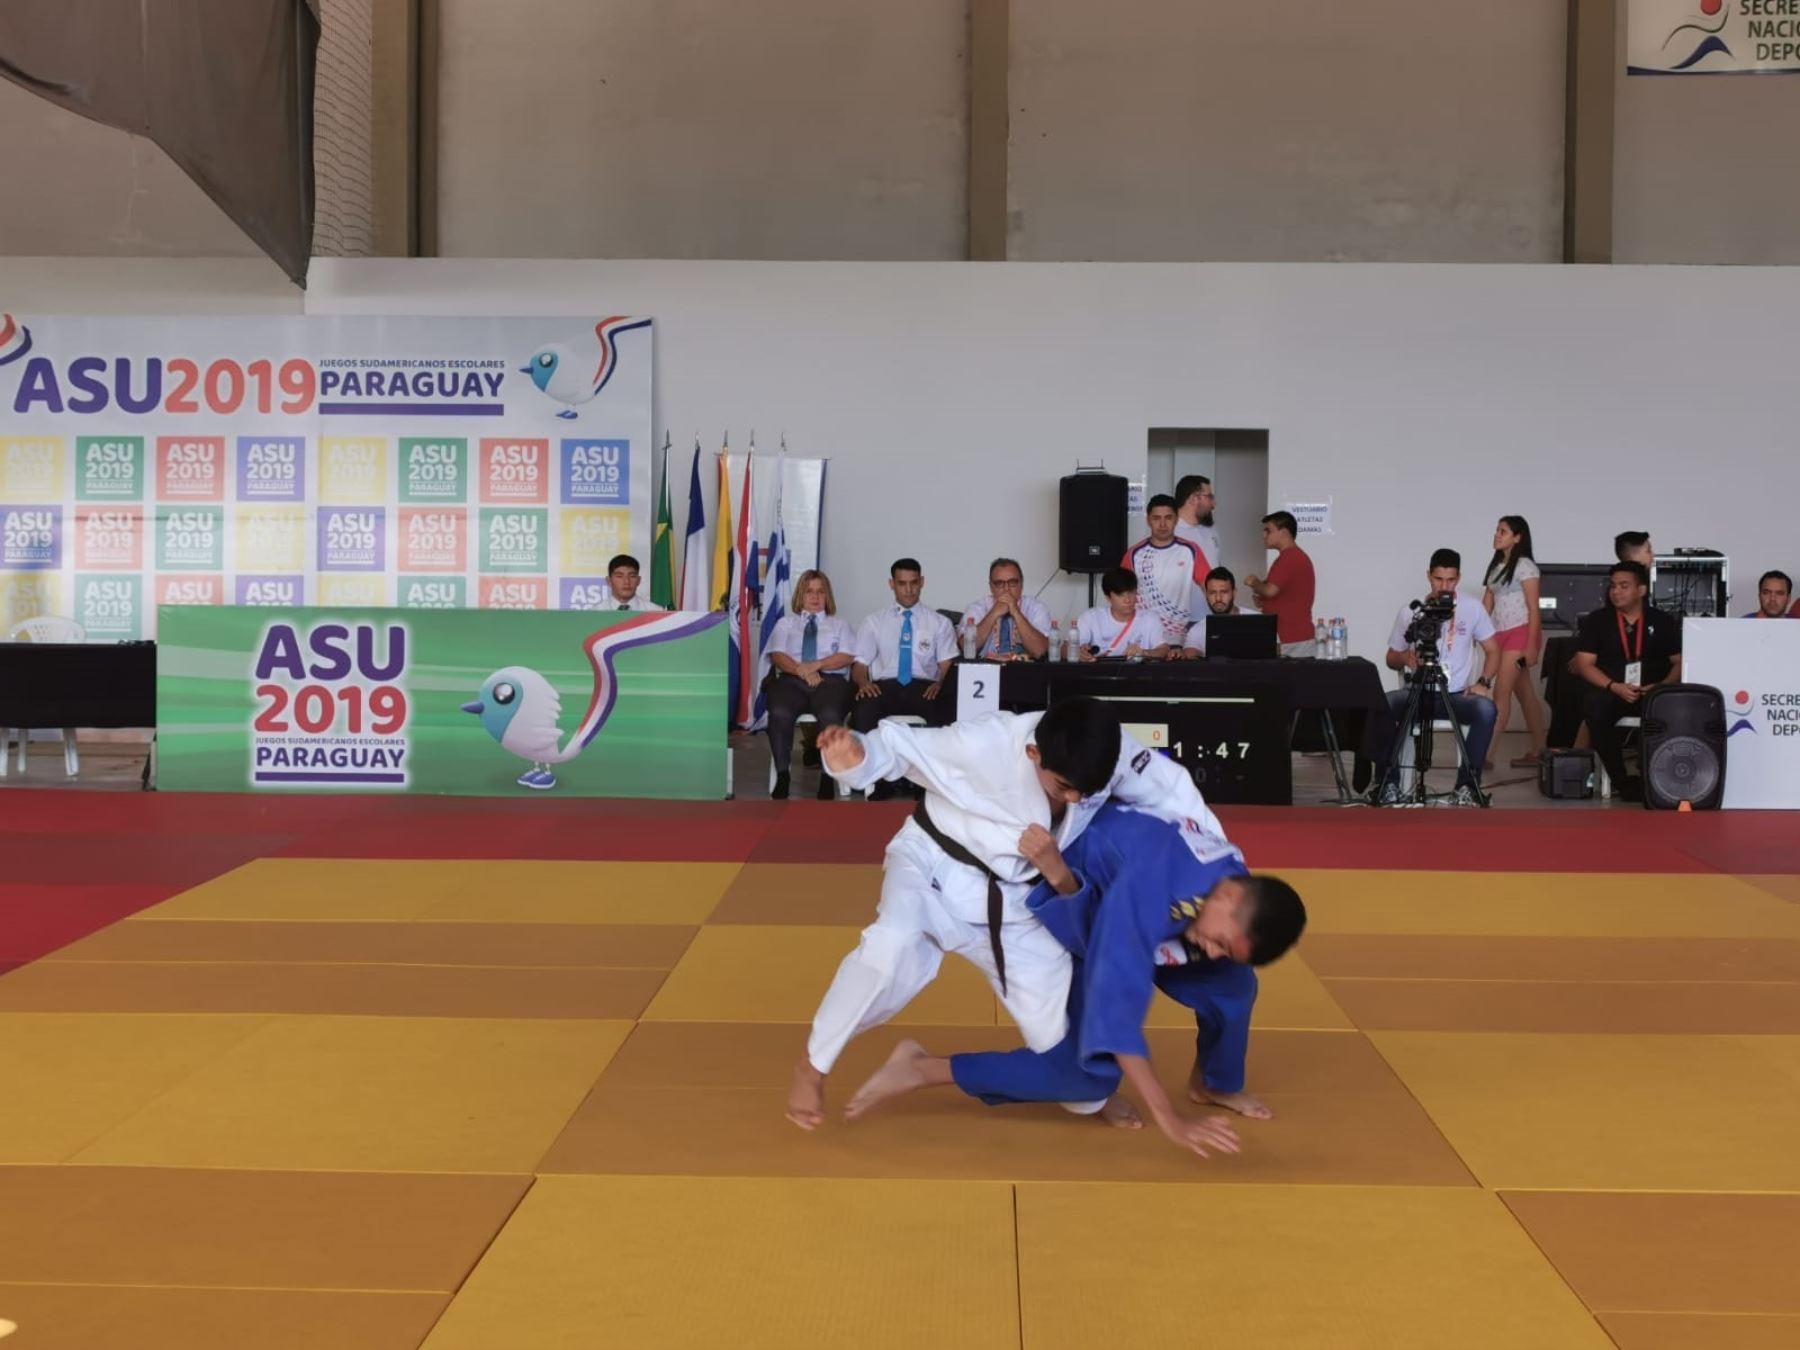 La delegación peruana realiza una buena presentación den los Juegos Sudamericanos Escolares